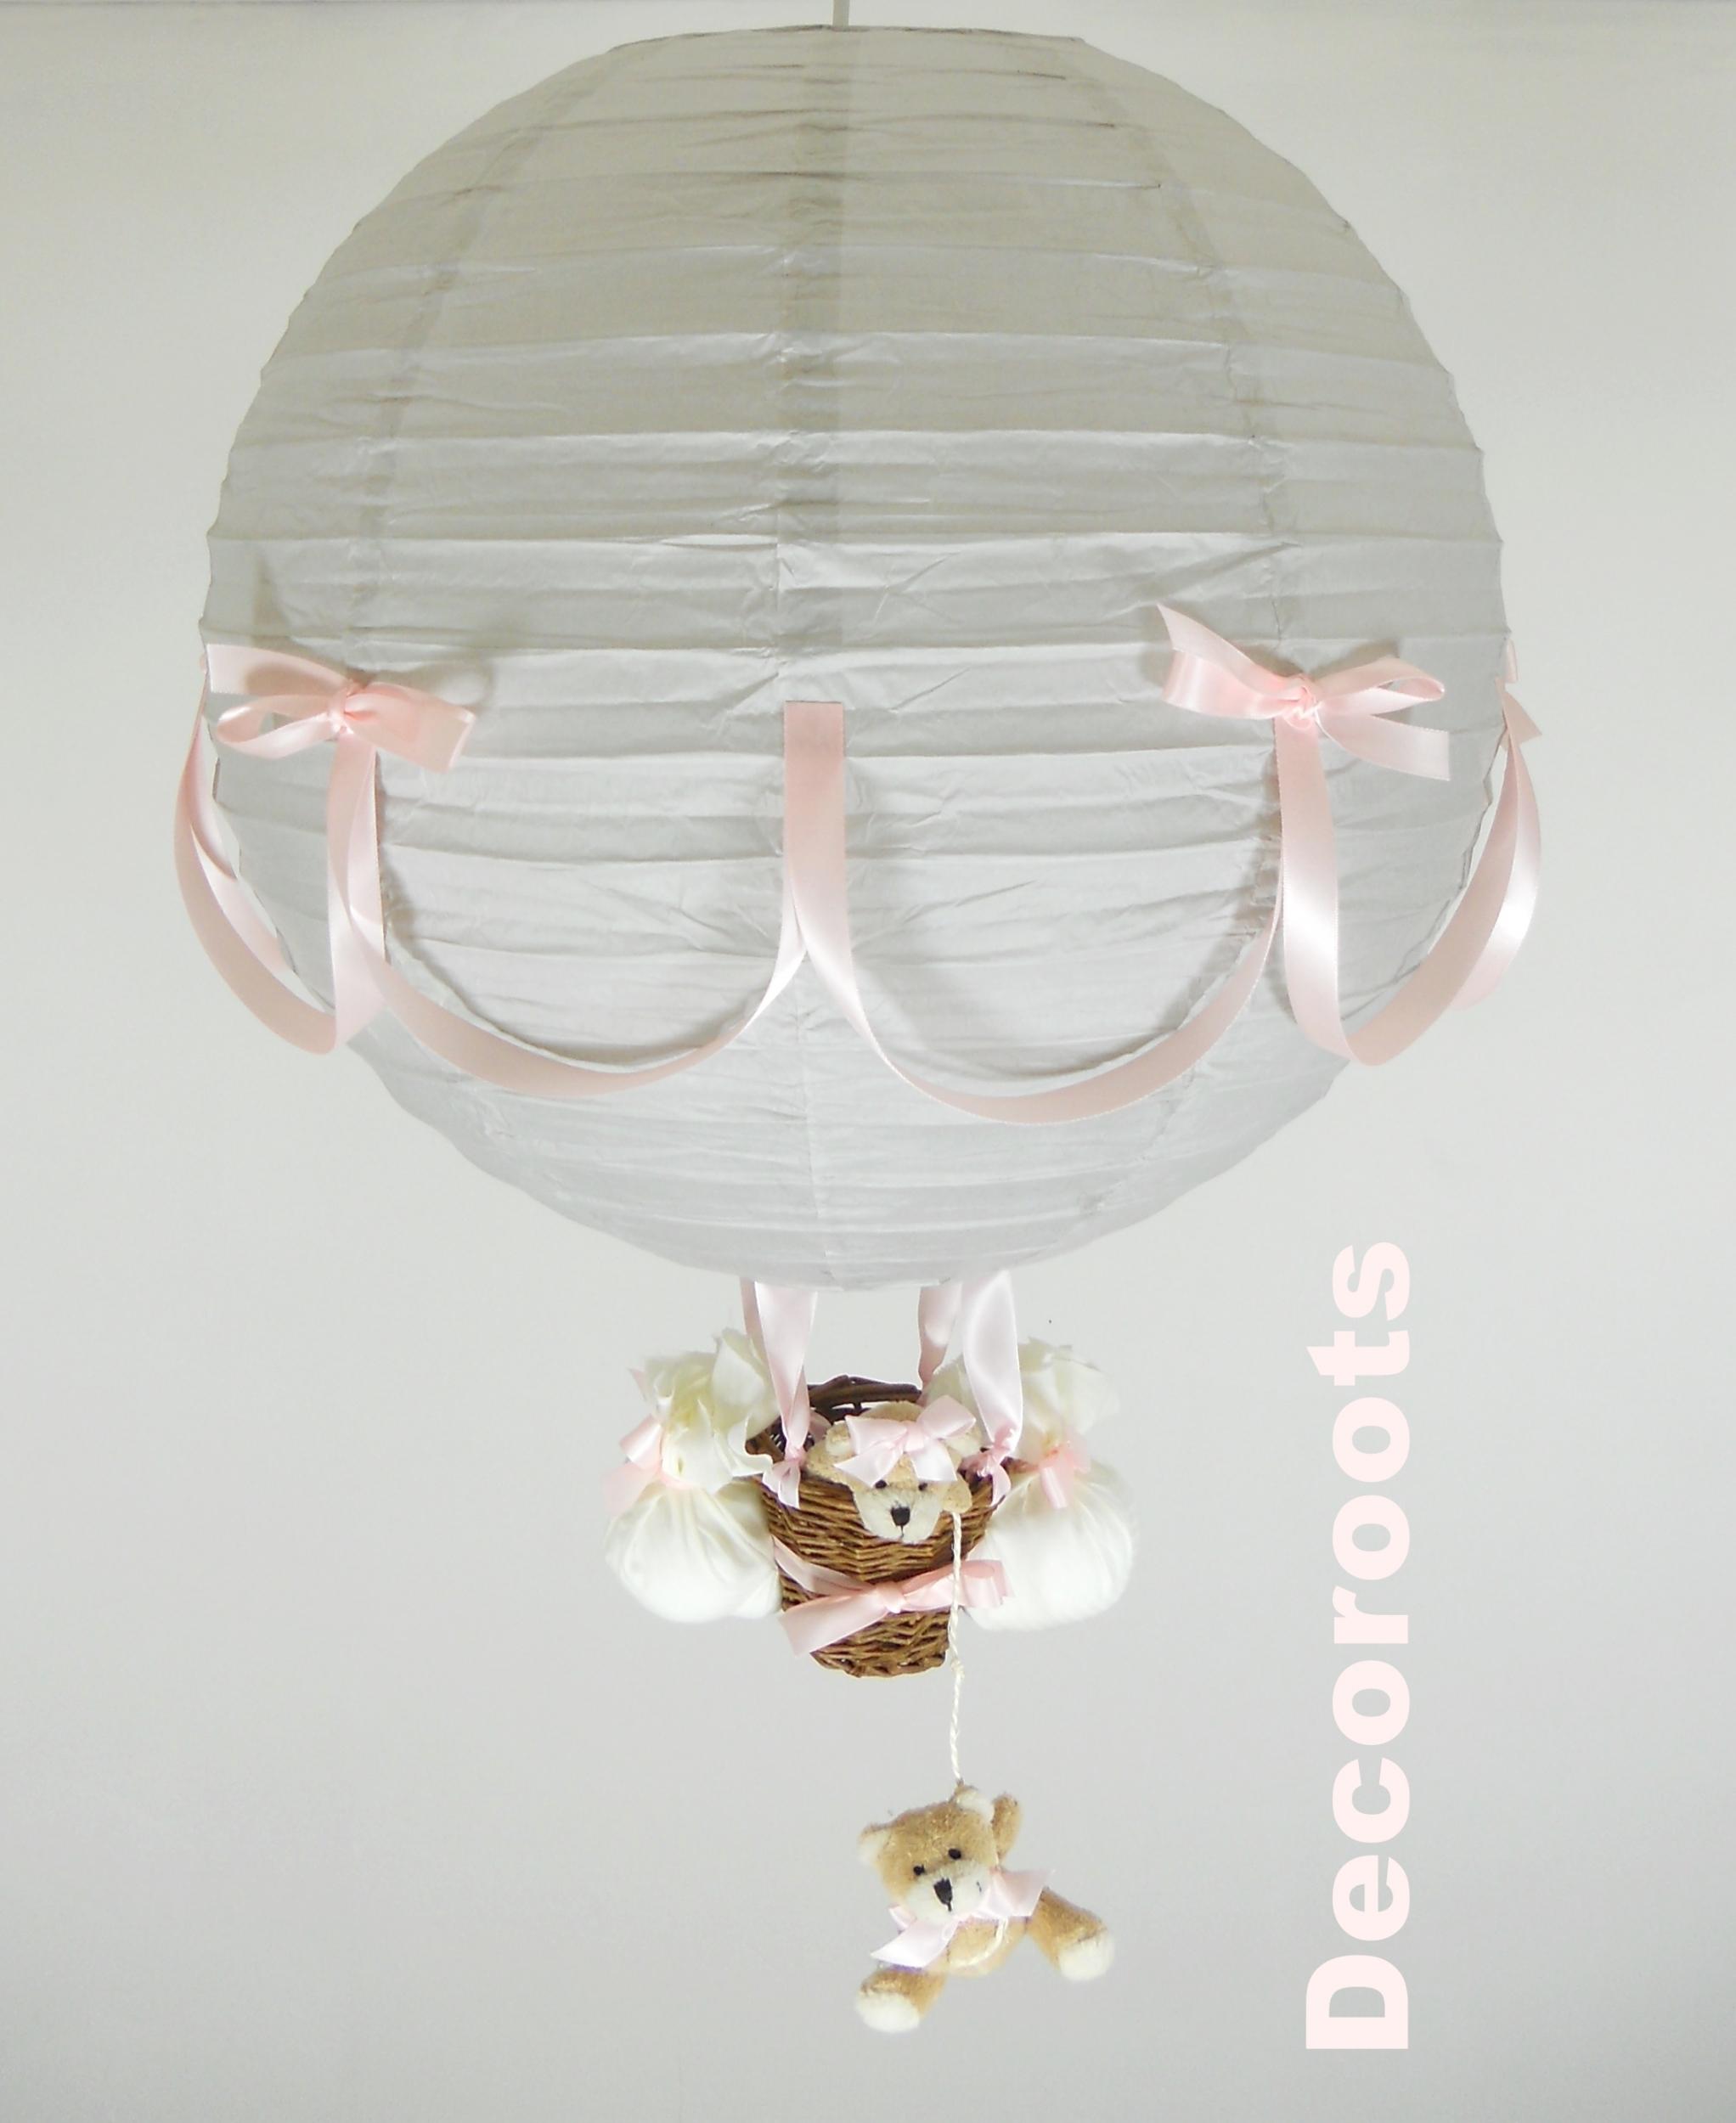 Lampe montgolfi re enfant b b fille ours gris et rose for Lampe de chevet bebe fille